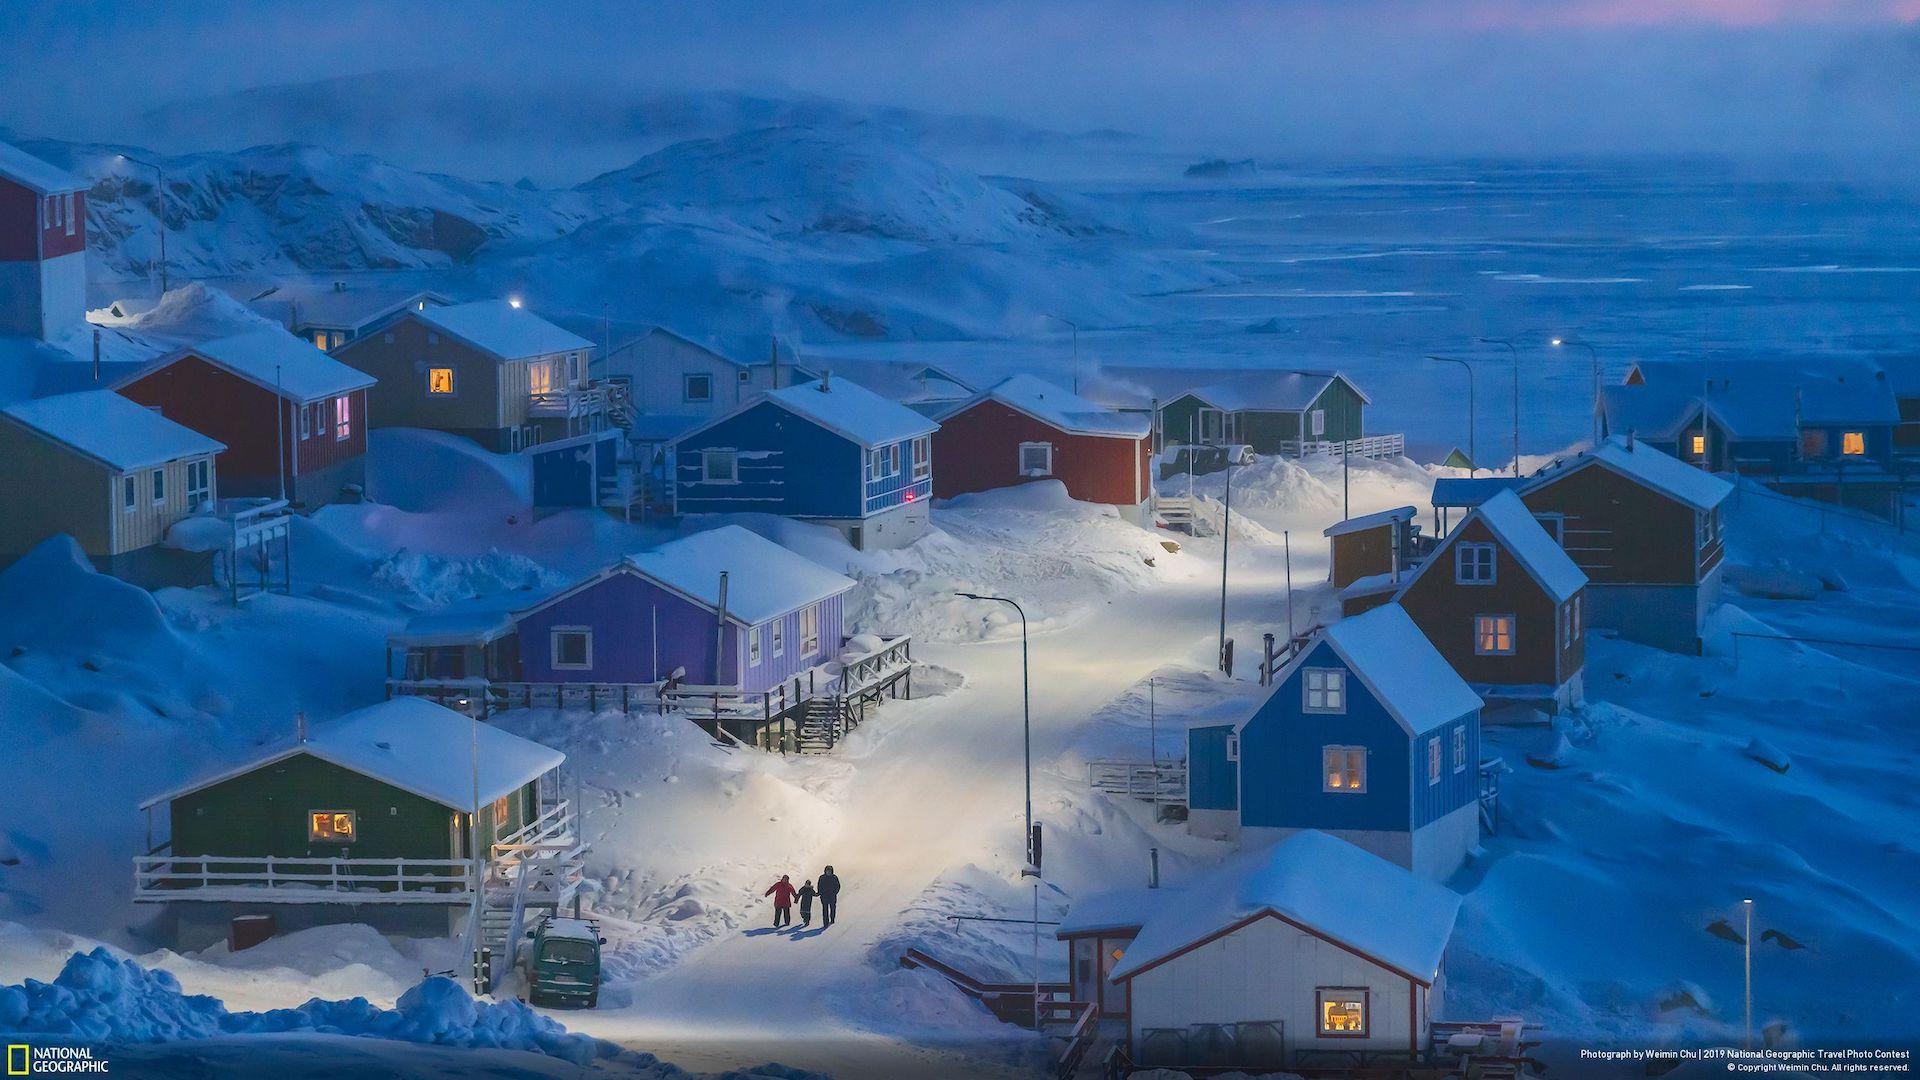 Las mejores fotos de 2019, elegidas por National Geographic